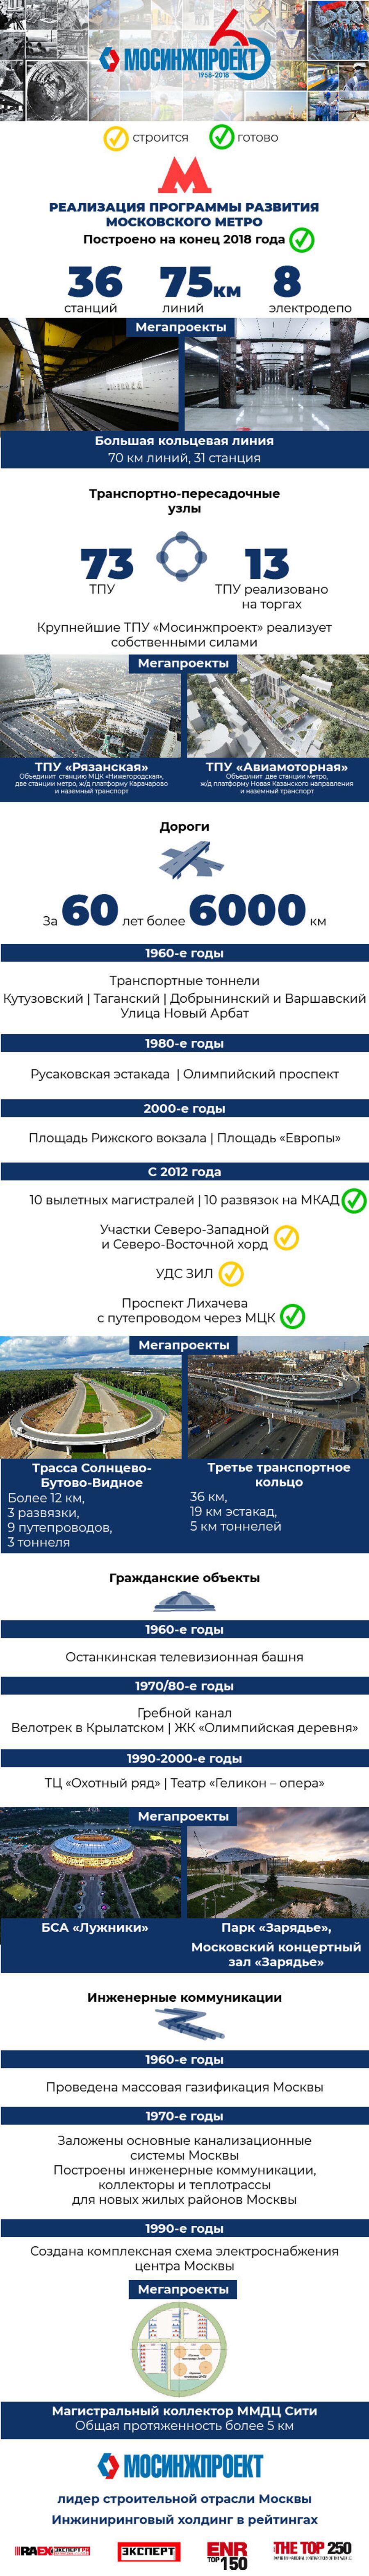 Реализация программы развития московского метро